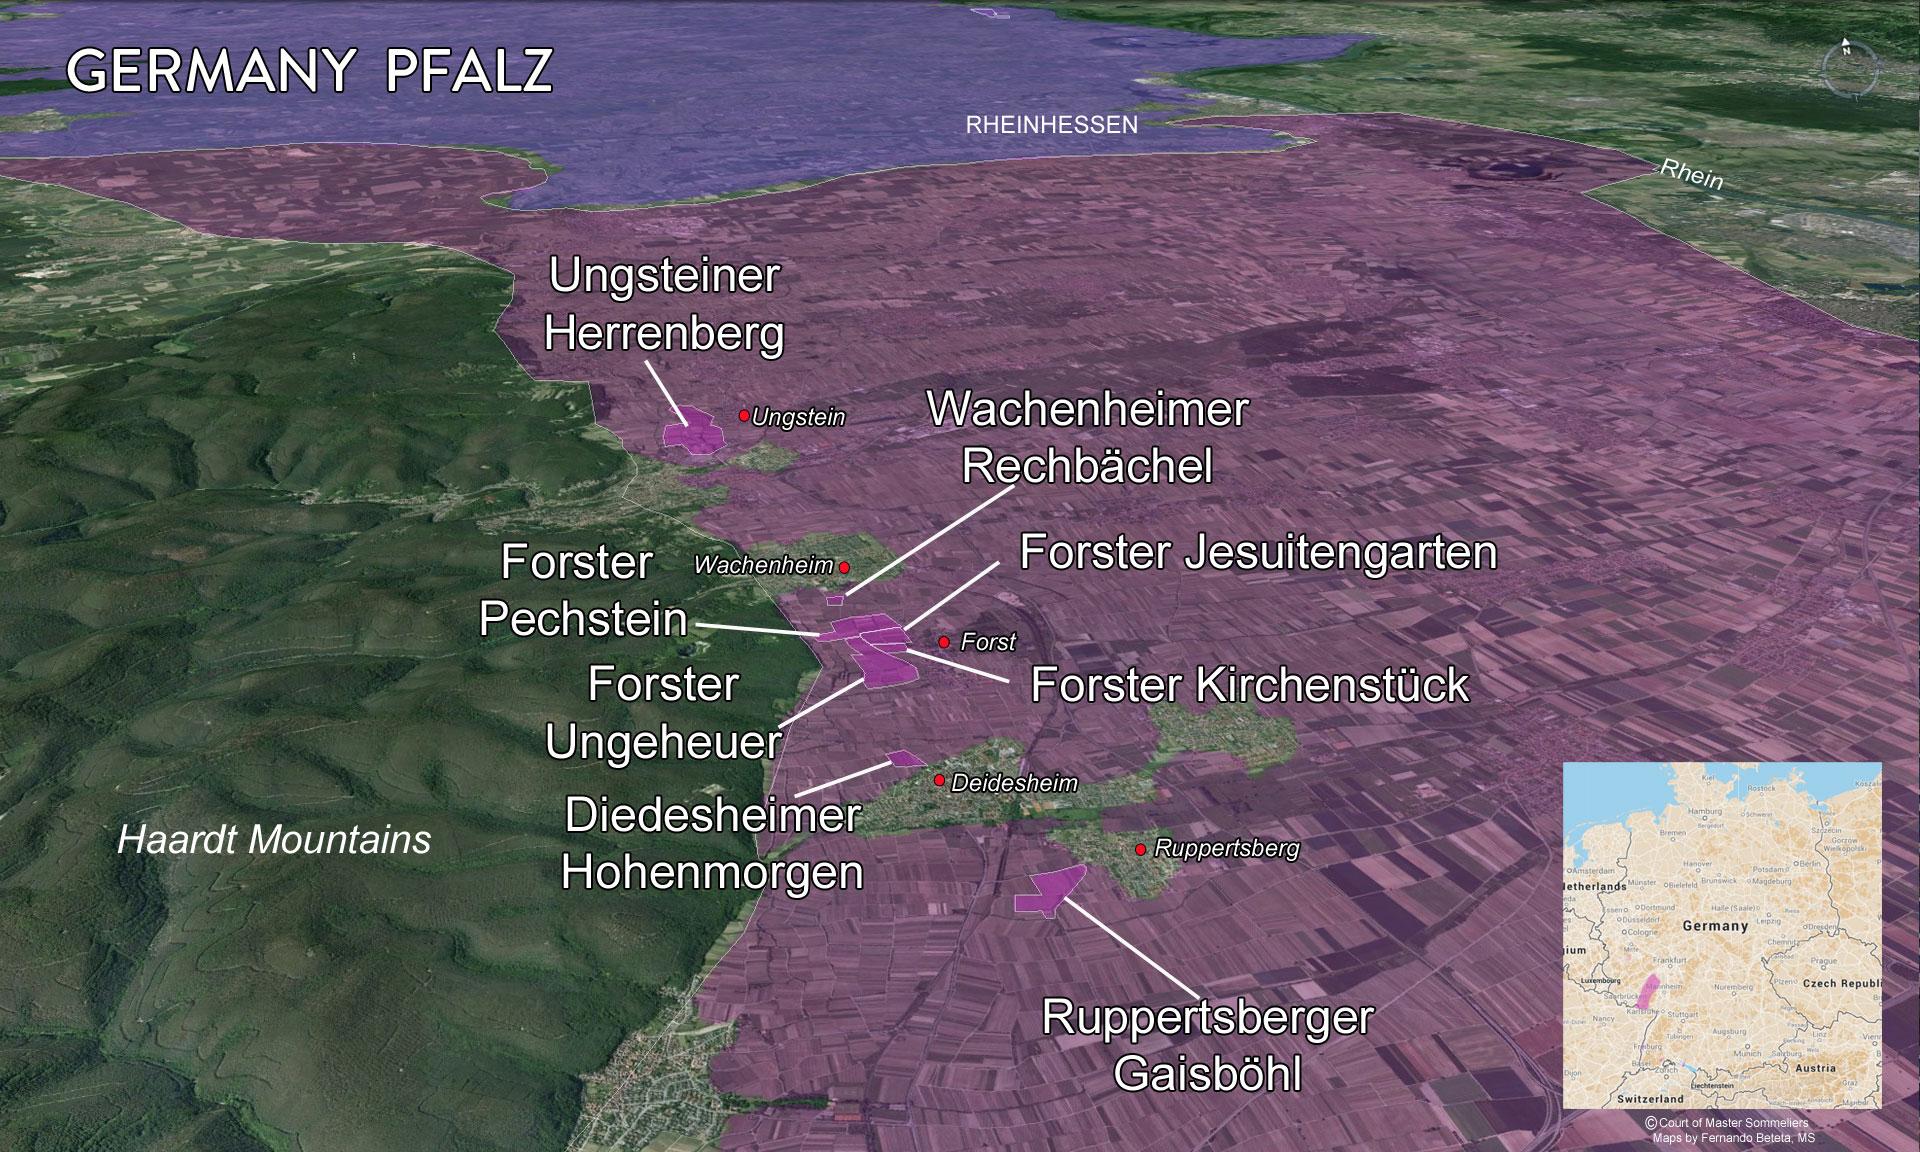 Germany-Pfalz.jpg